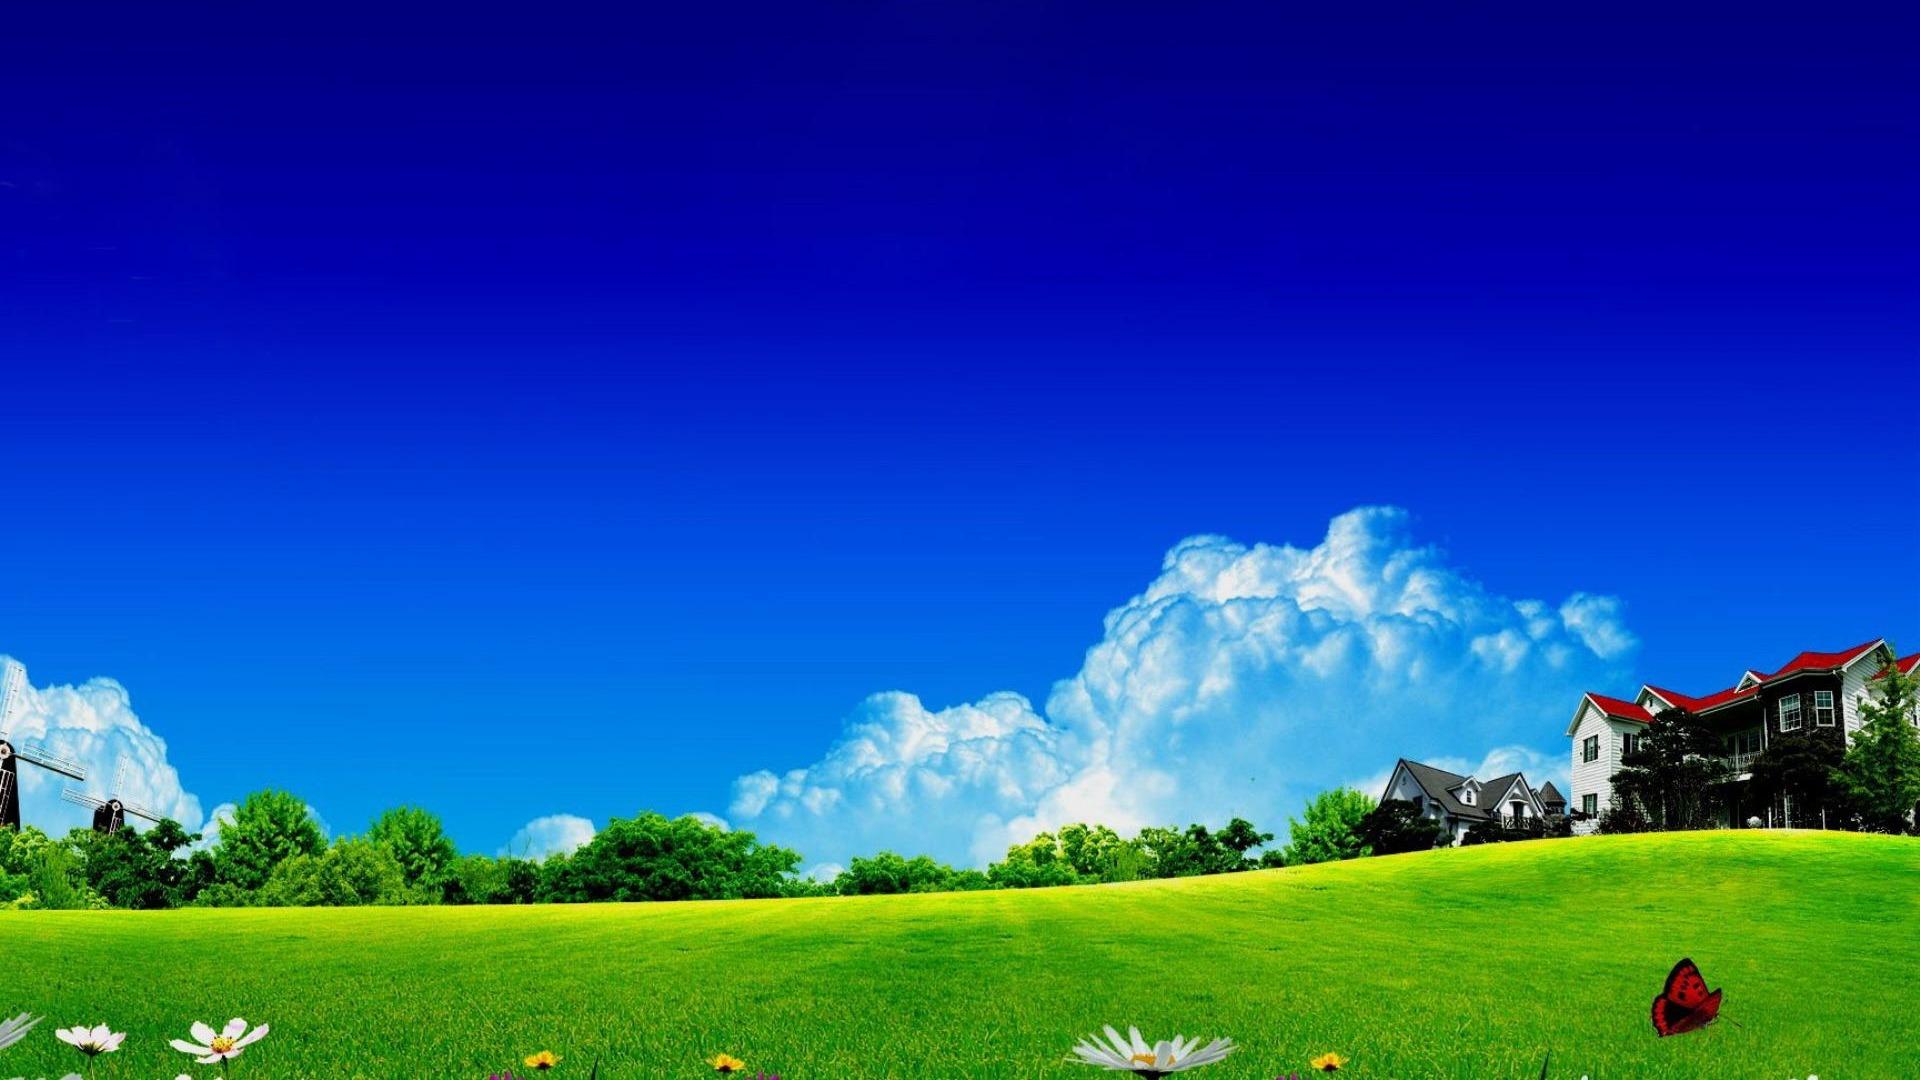 桌面吧_【一组高清绿色植物保护视力墙纸桌面壁纸】-【软件及服务 ...